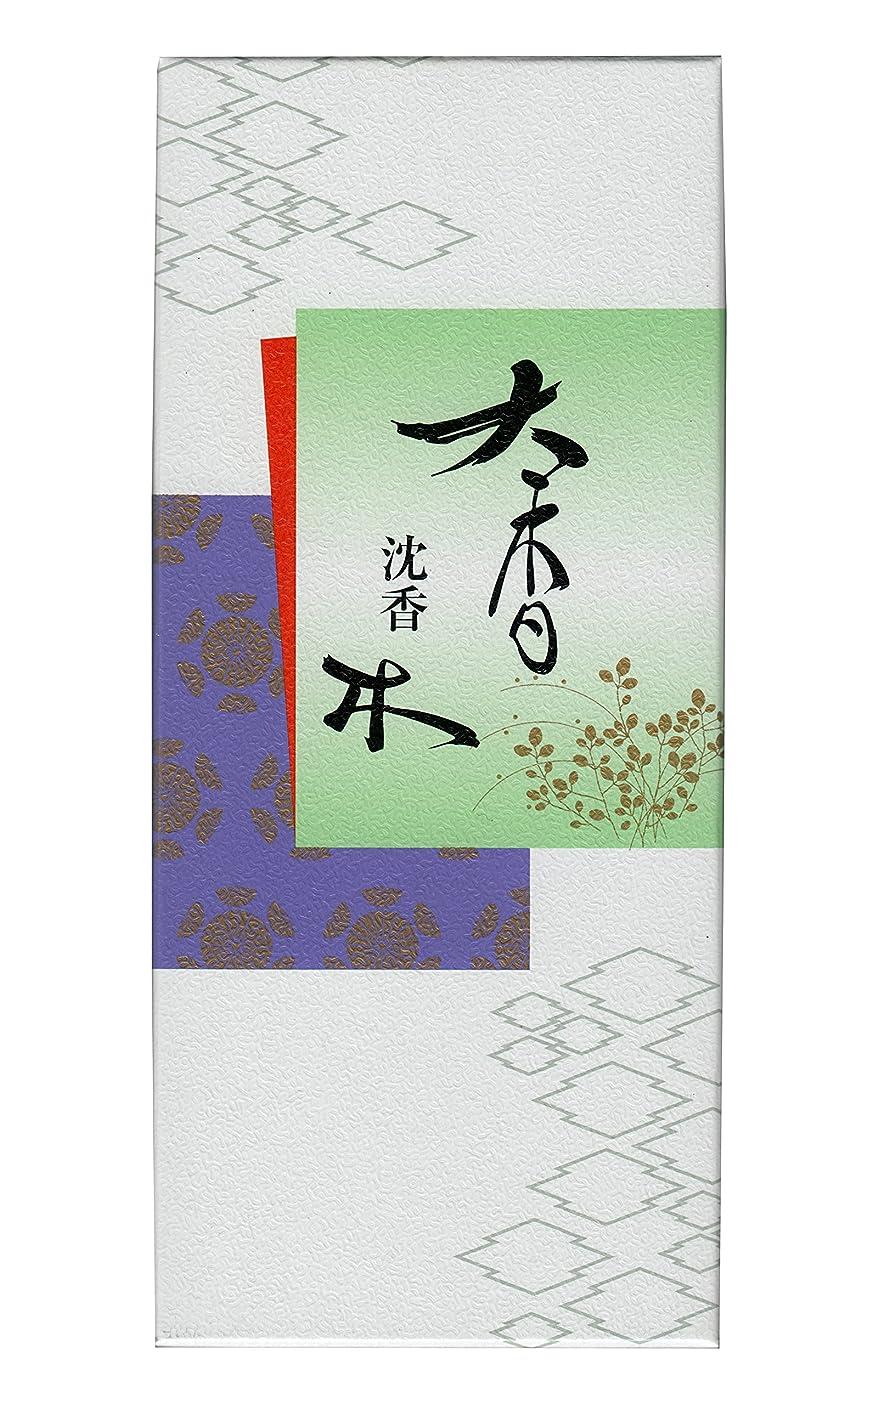 文芸誕生アウターSeikado Japanese Agarwood Incense Sticks jinko Daikobokuスモールパック?–?5.5インチ55?sticks?–?日本製?–?Aloeswood?–?Oud